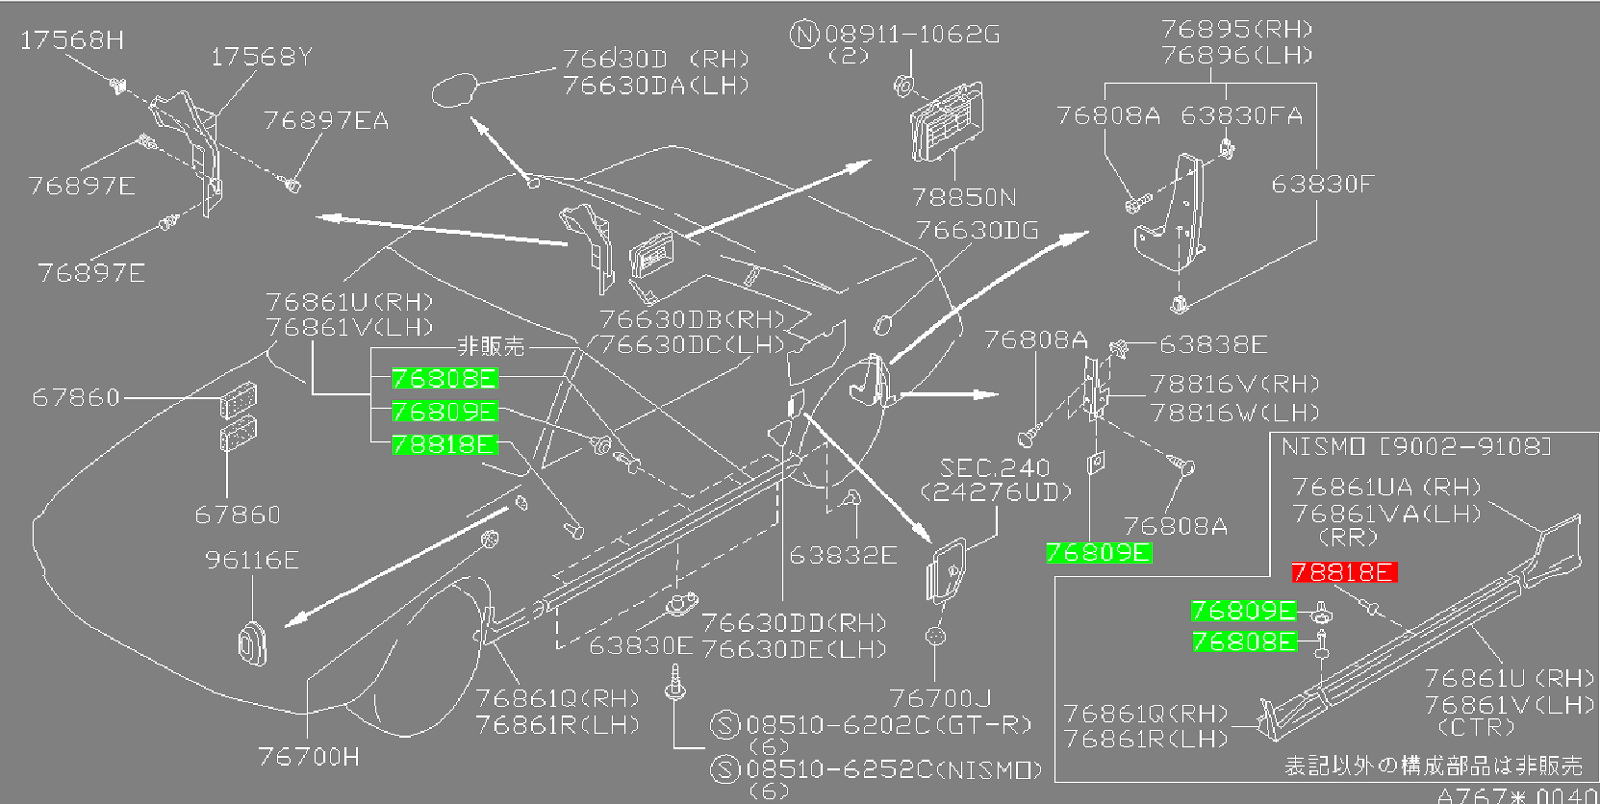 Bnr32 Gt R Sideskirt Clips G 05u00 G 05u00 G 05u00